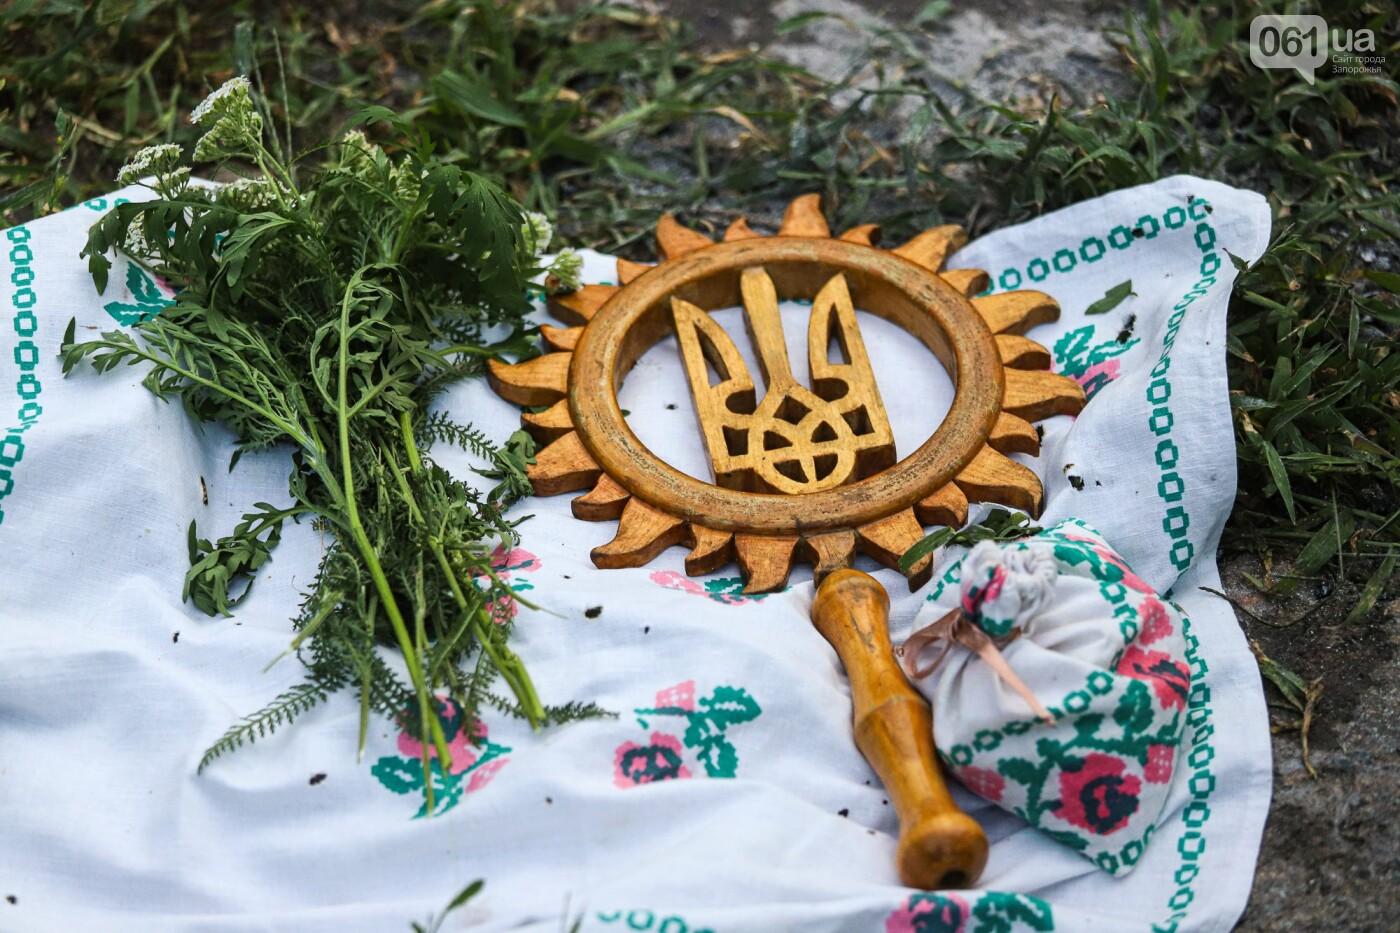 Огонь и дубовые венки: как на Хортице отметили праздник Перуна, - ФОТОРЕПОРТАЖ, фото-6